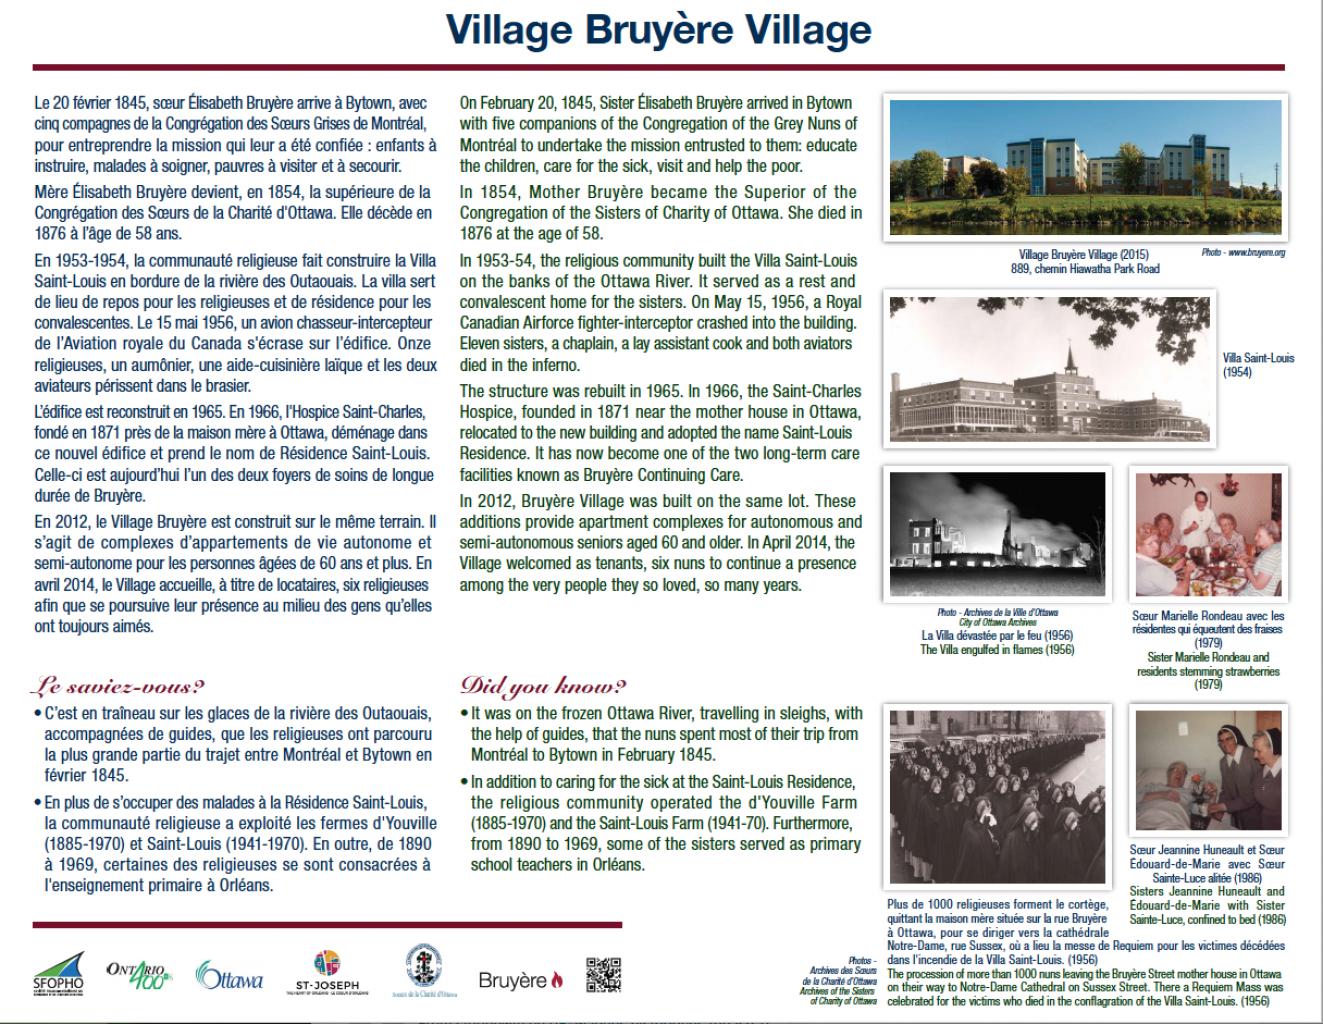 village-bruyecc80re